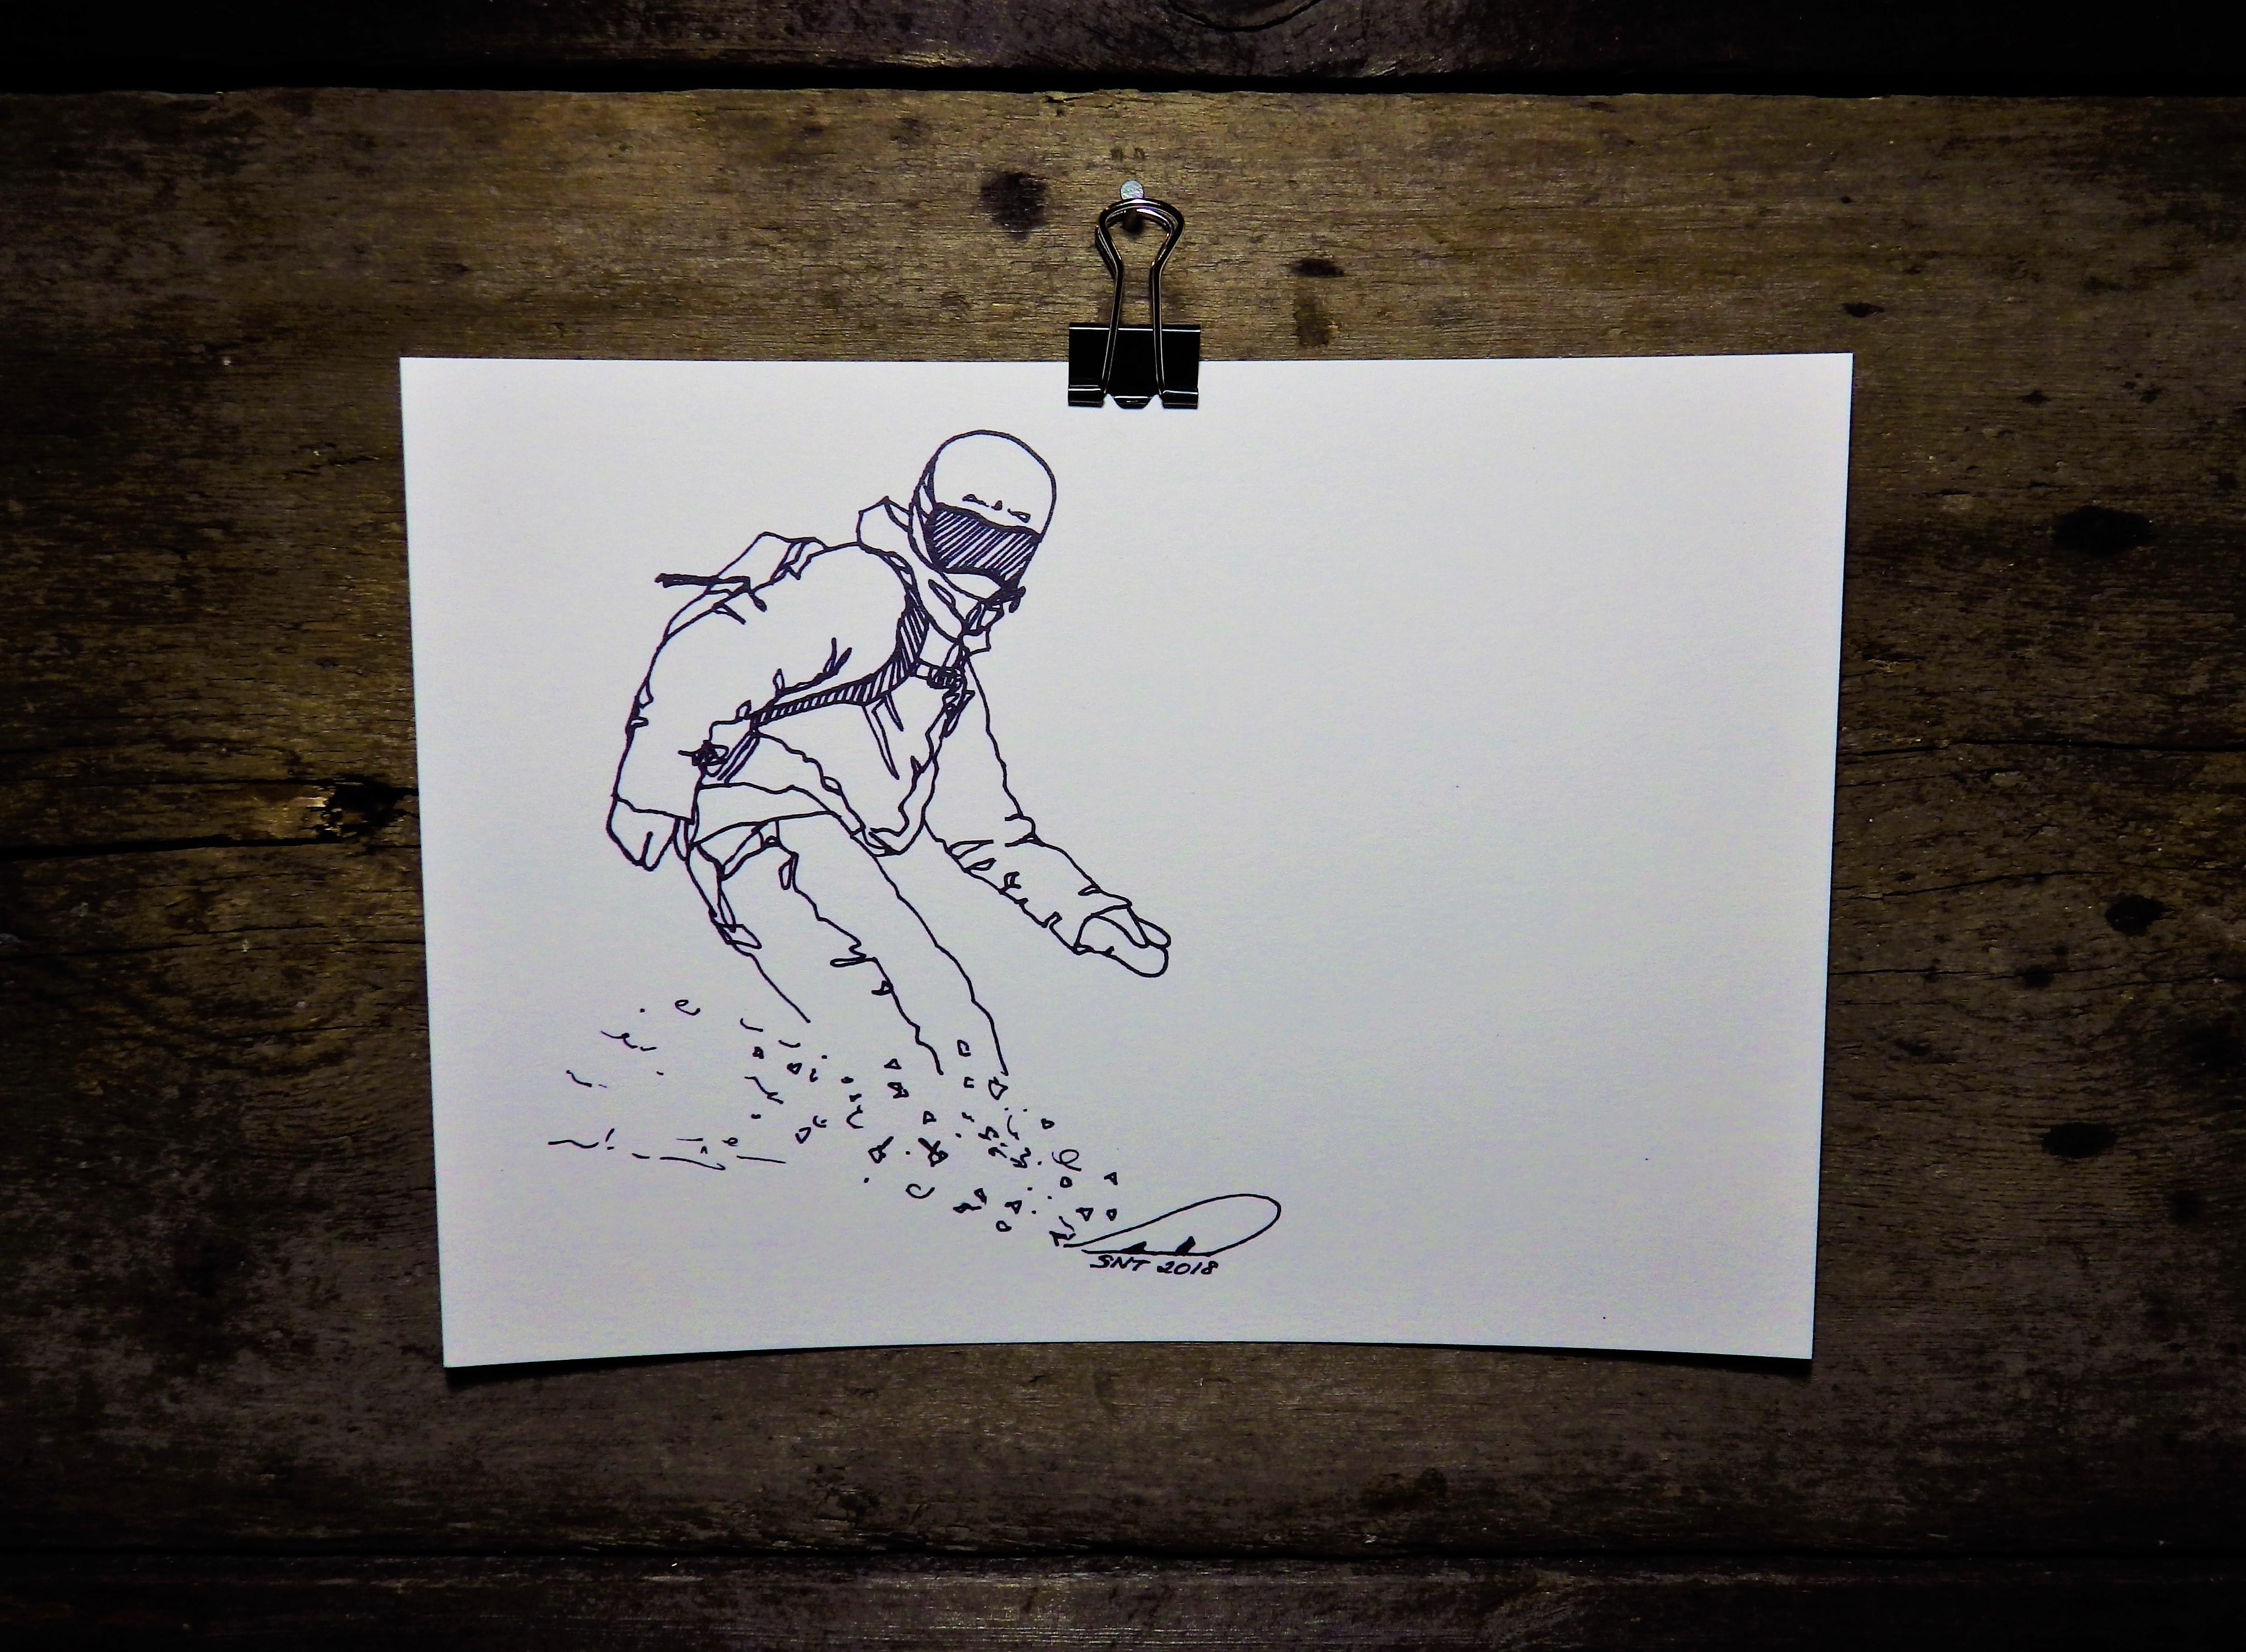 KONSTTRYCK - Snowboardåkare 1